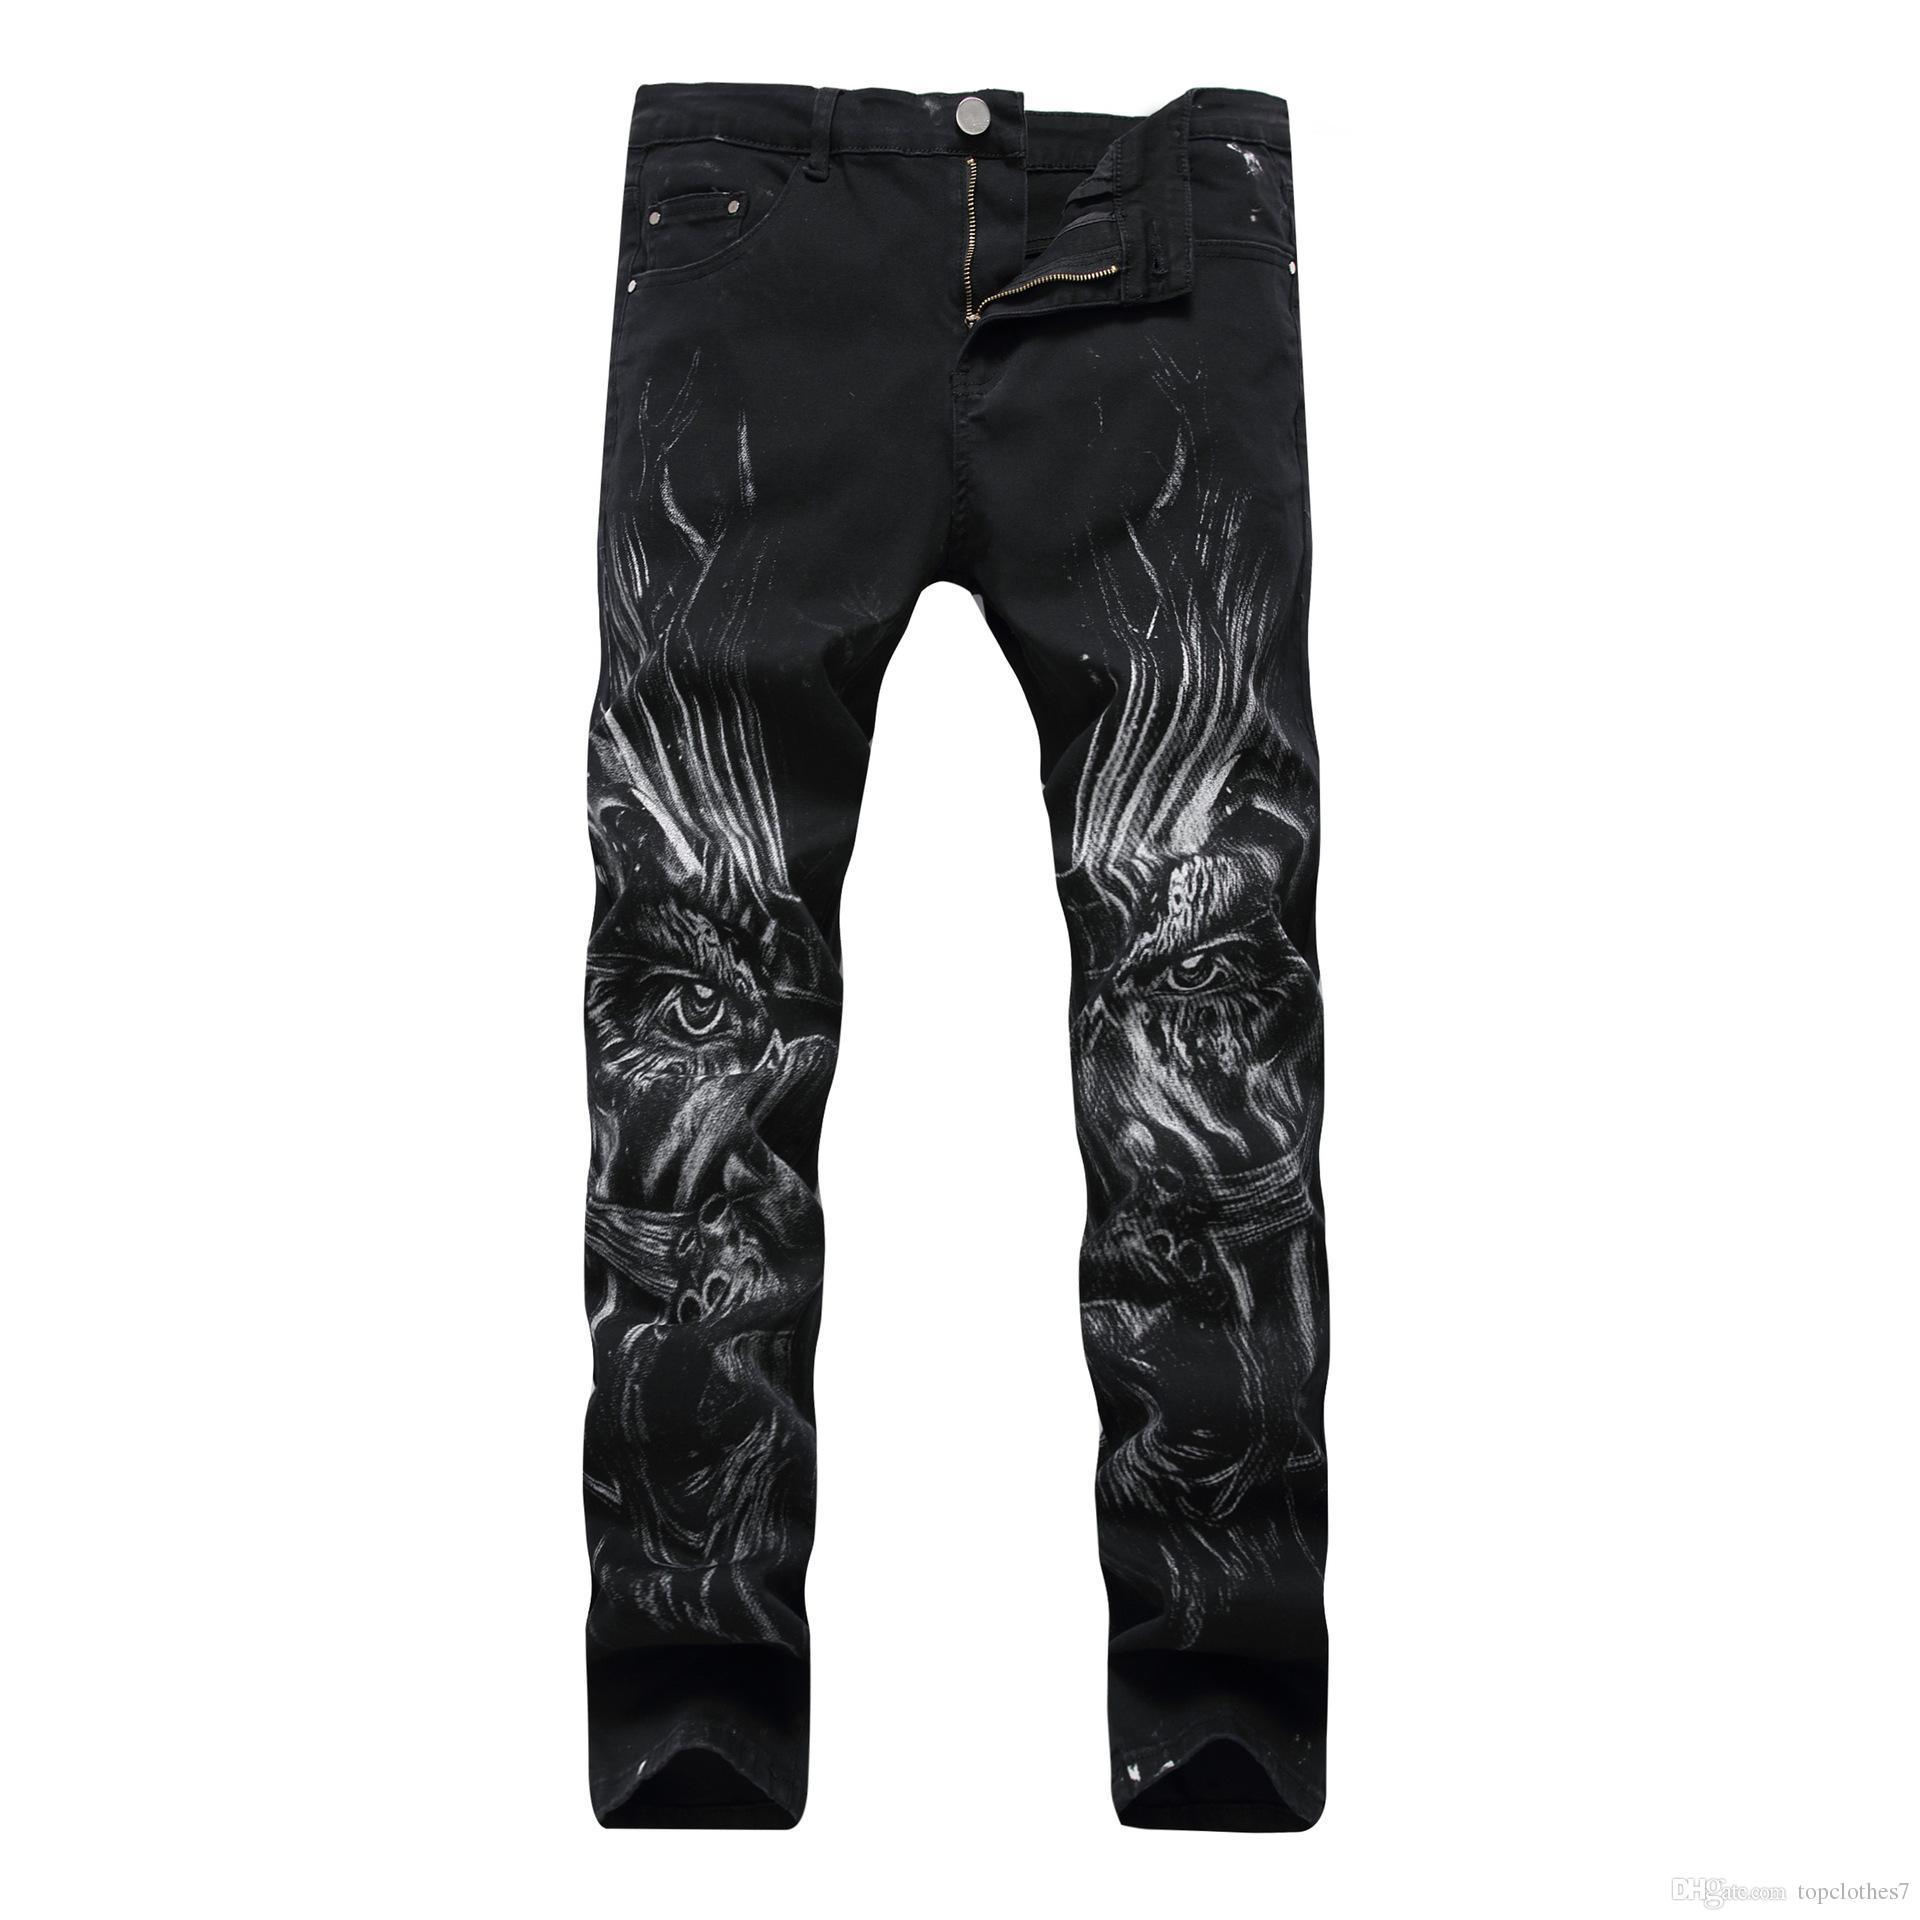 Hip-hop Miedo a las cremalleras slim fit slim mens Pantalones vaqueros denim de algodón negros desgastados Pantalones vaqueros rasgados hombres